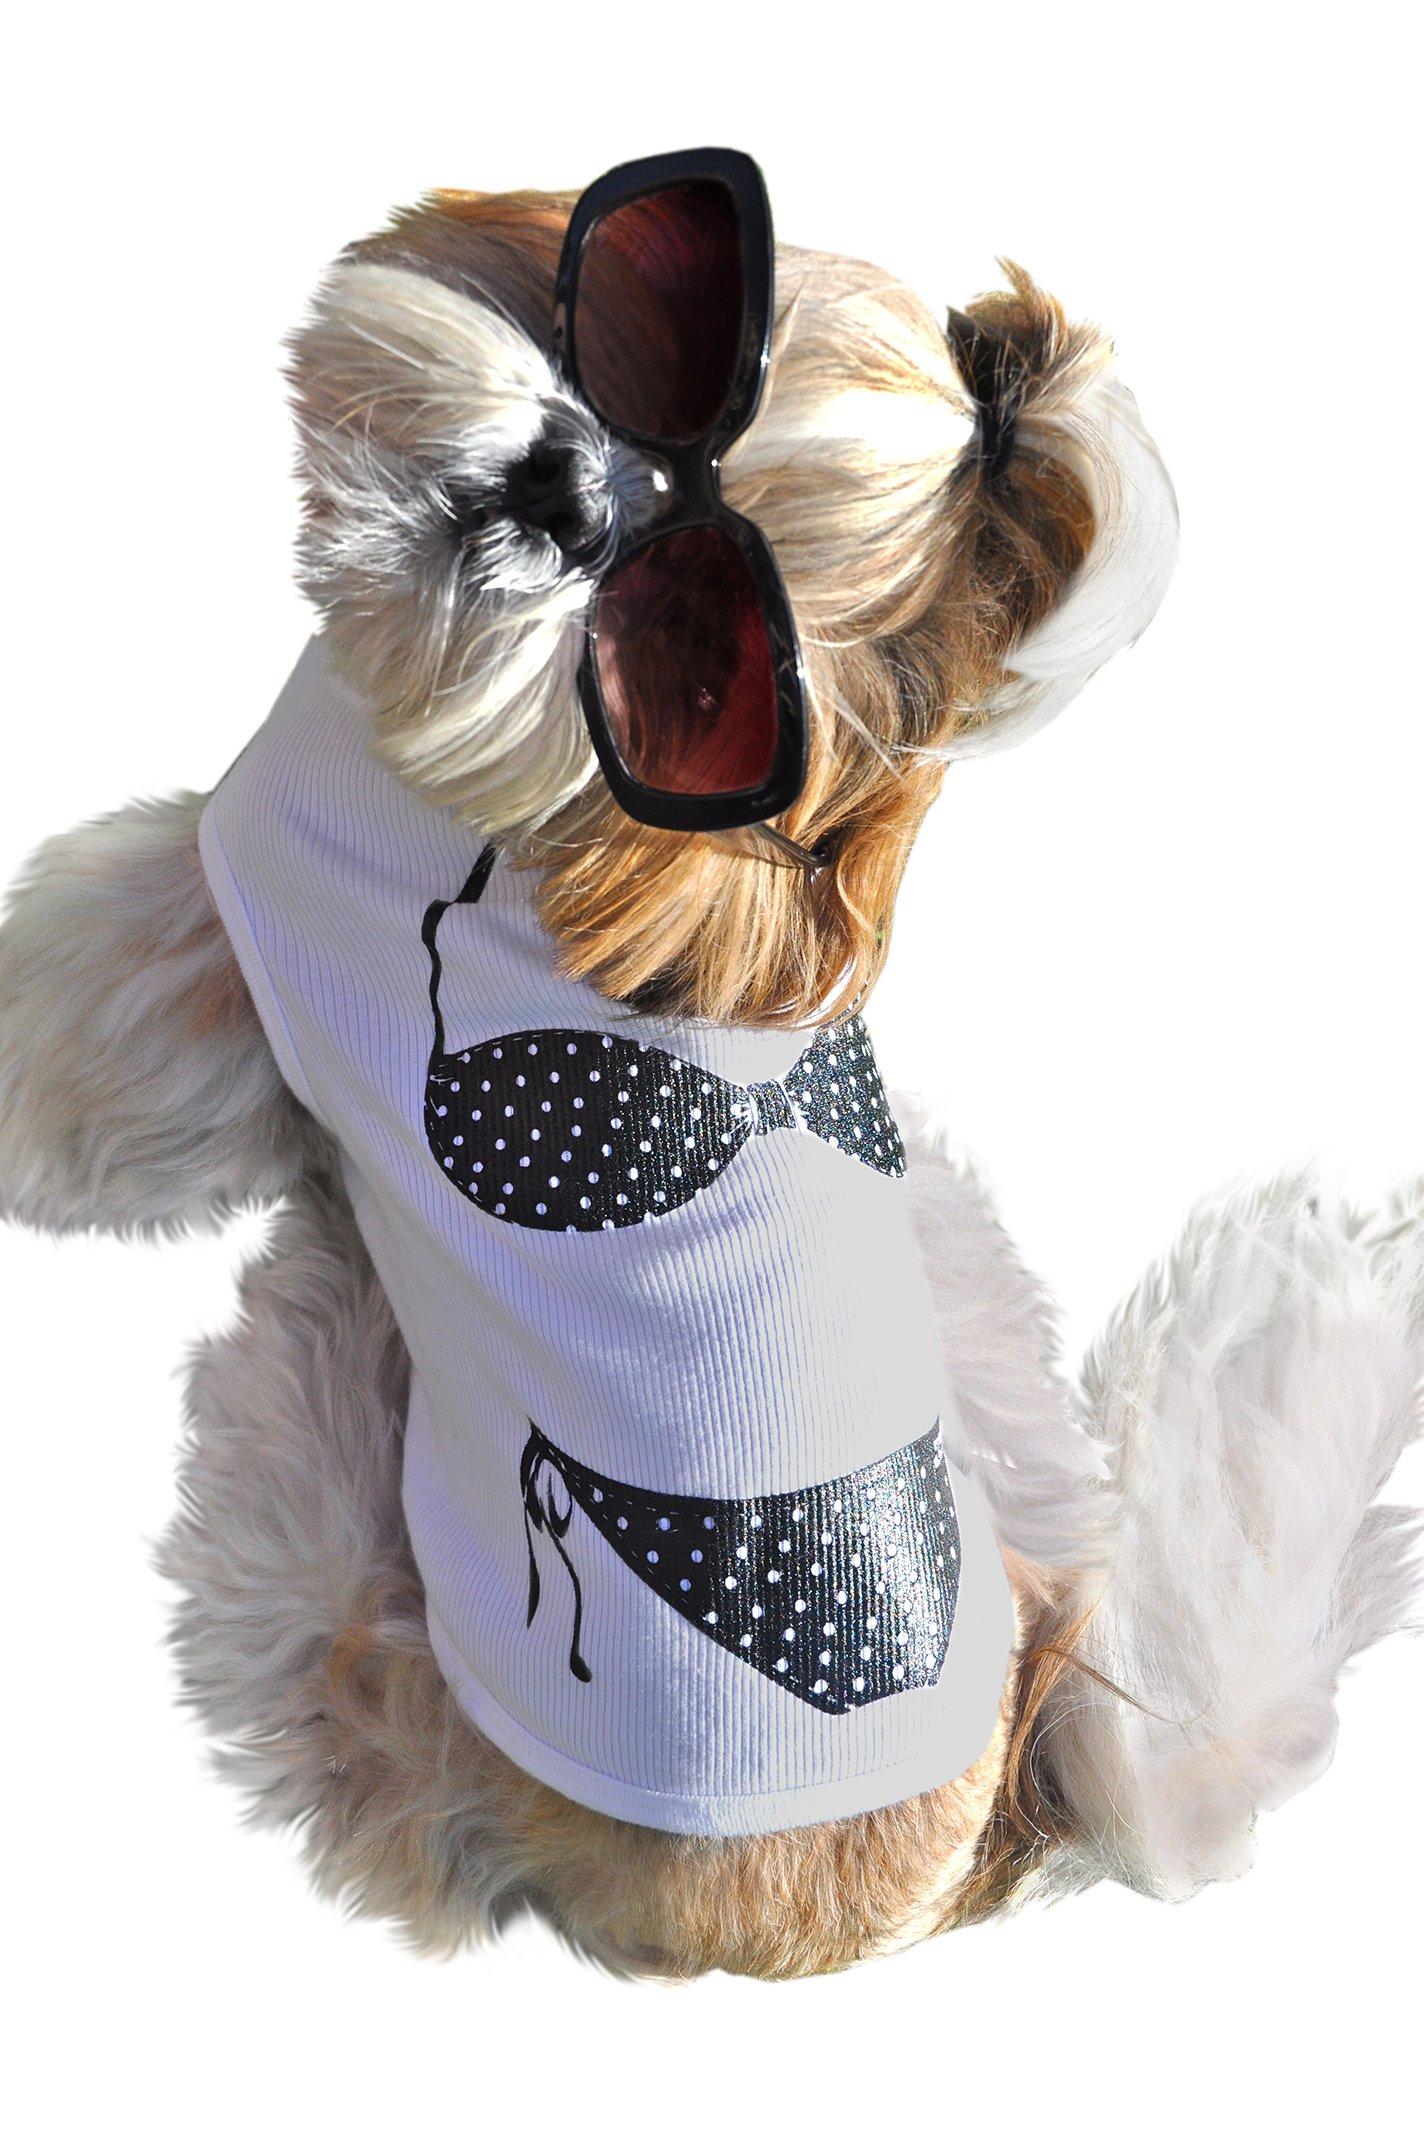 Ruff Ruff and Meow Dog Tank Top, Bikini, White, Small